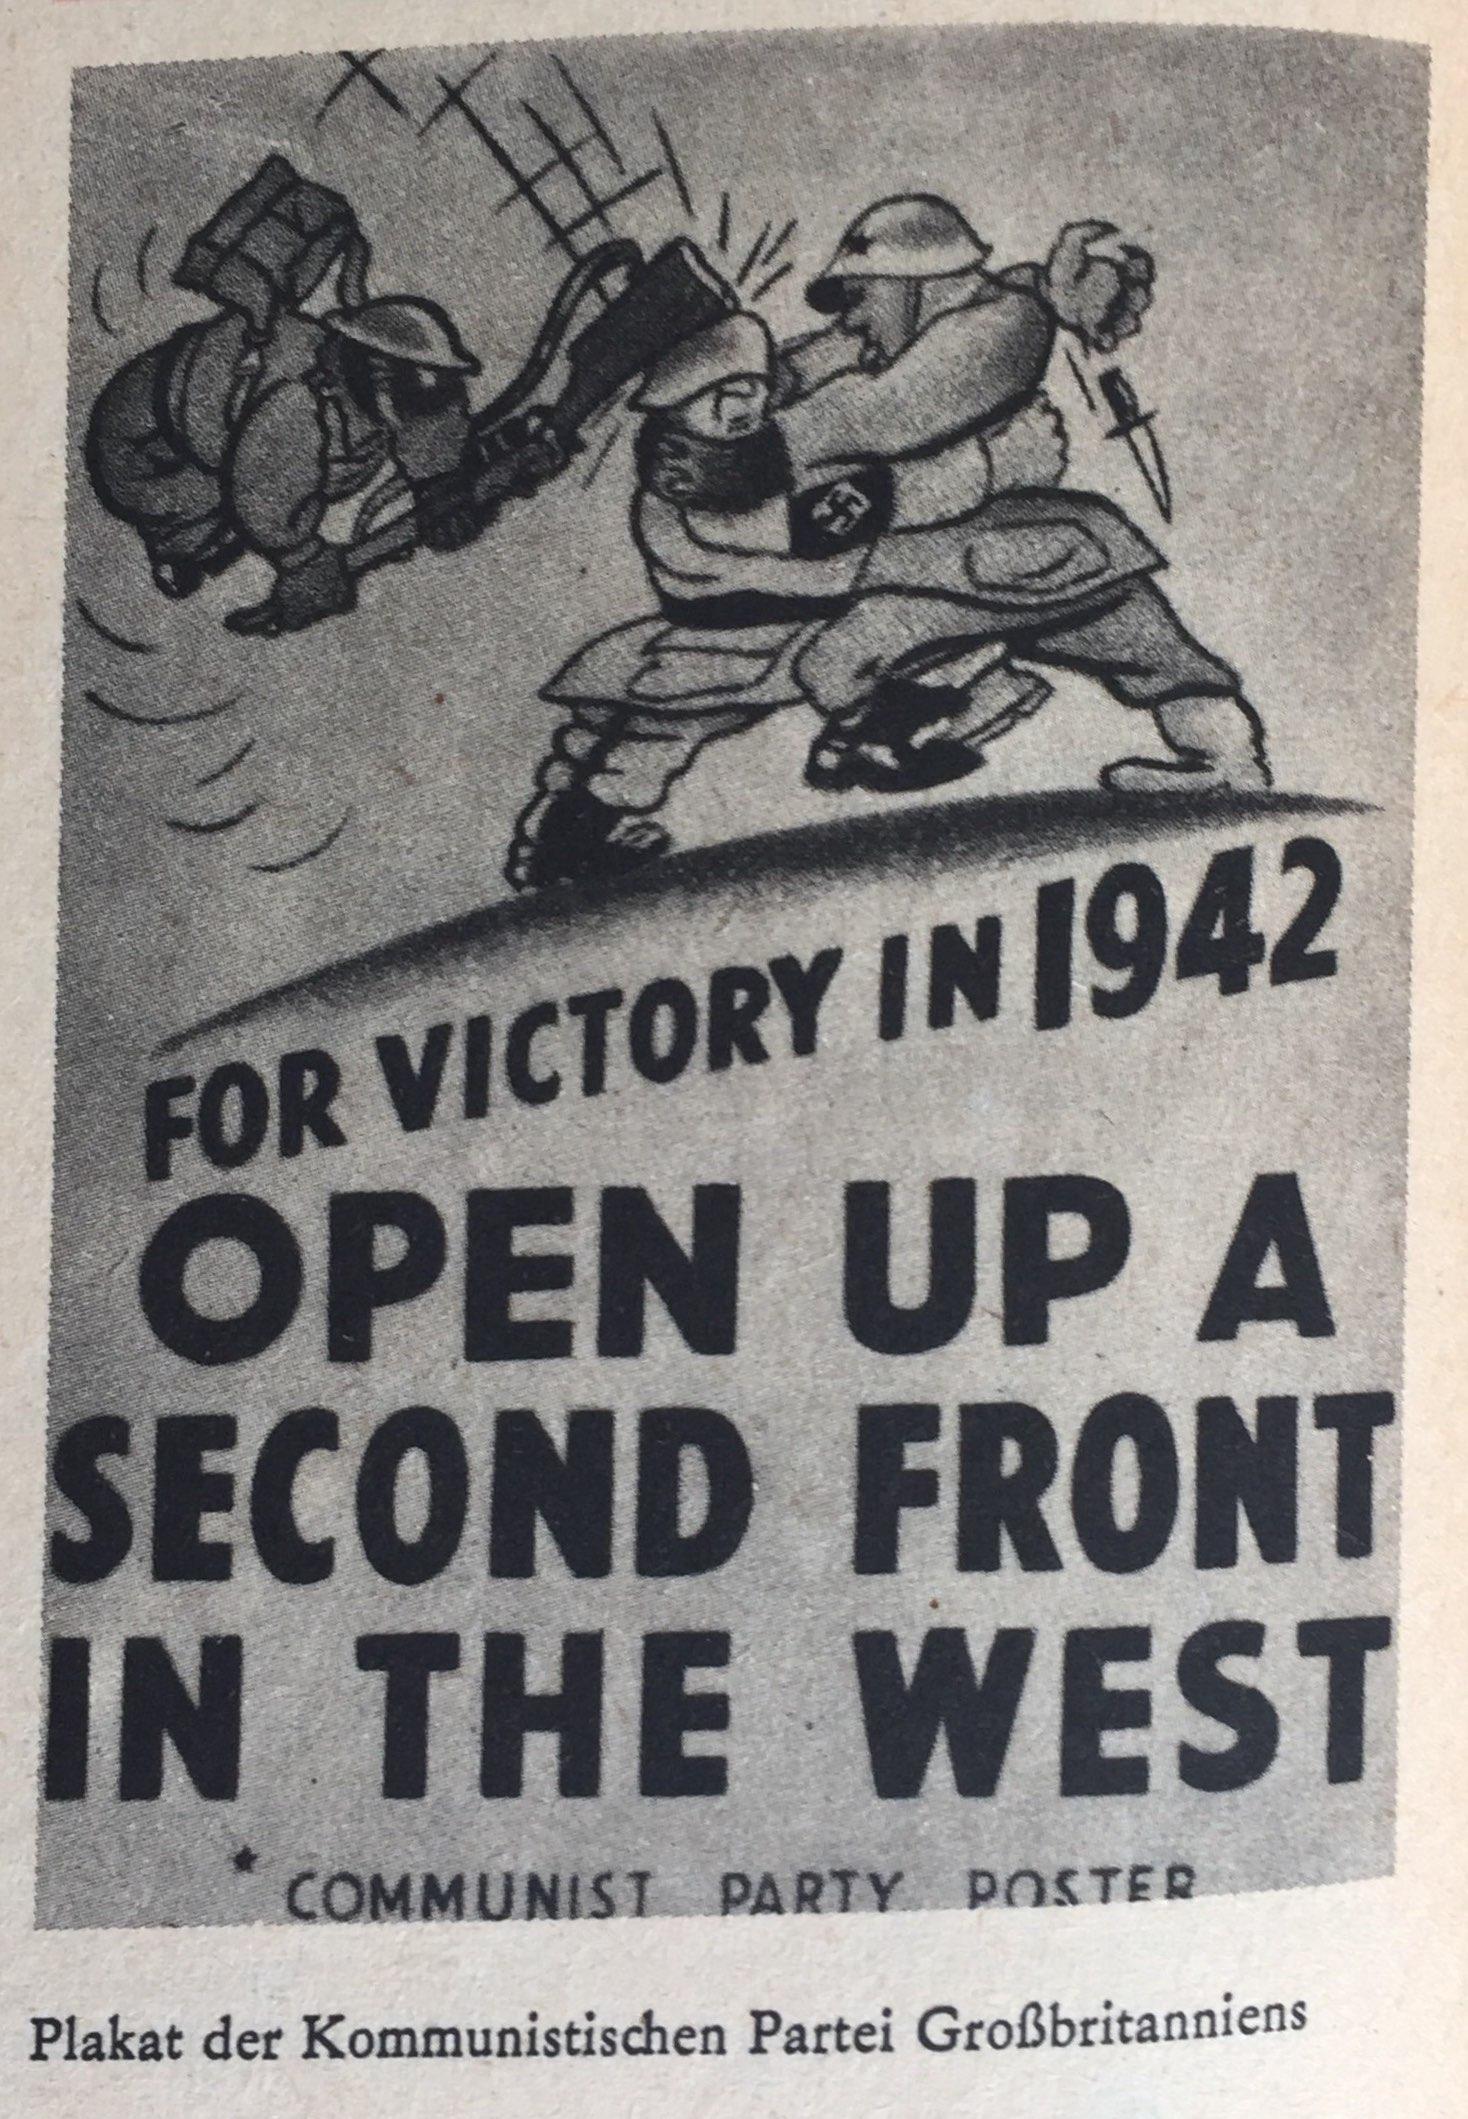 Plakat der Kommunistischen Partei Großbritanniens